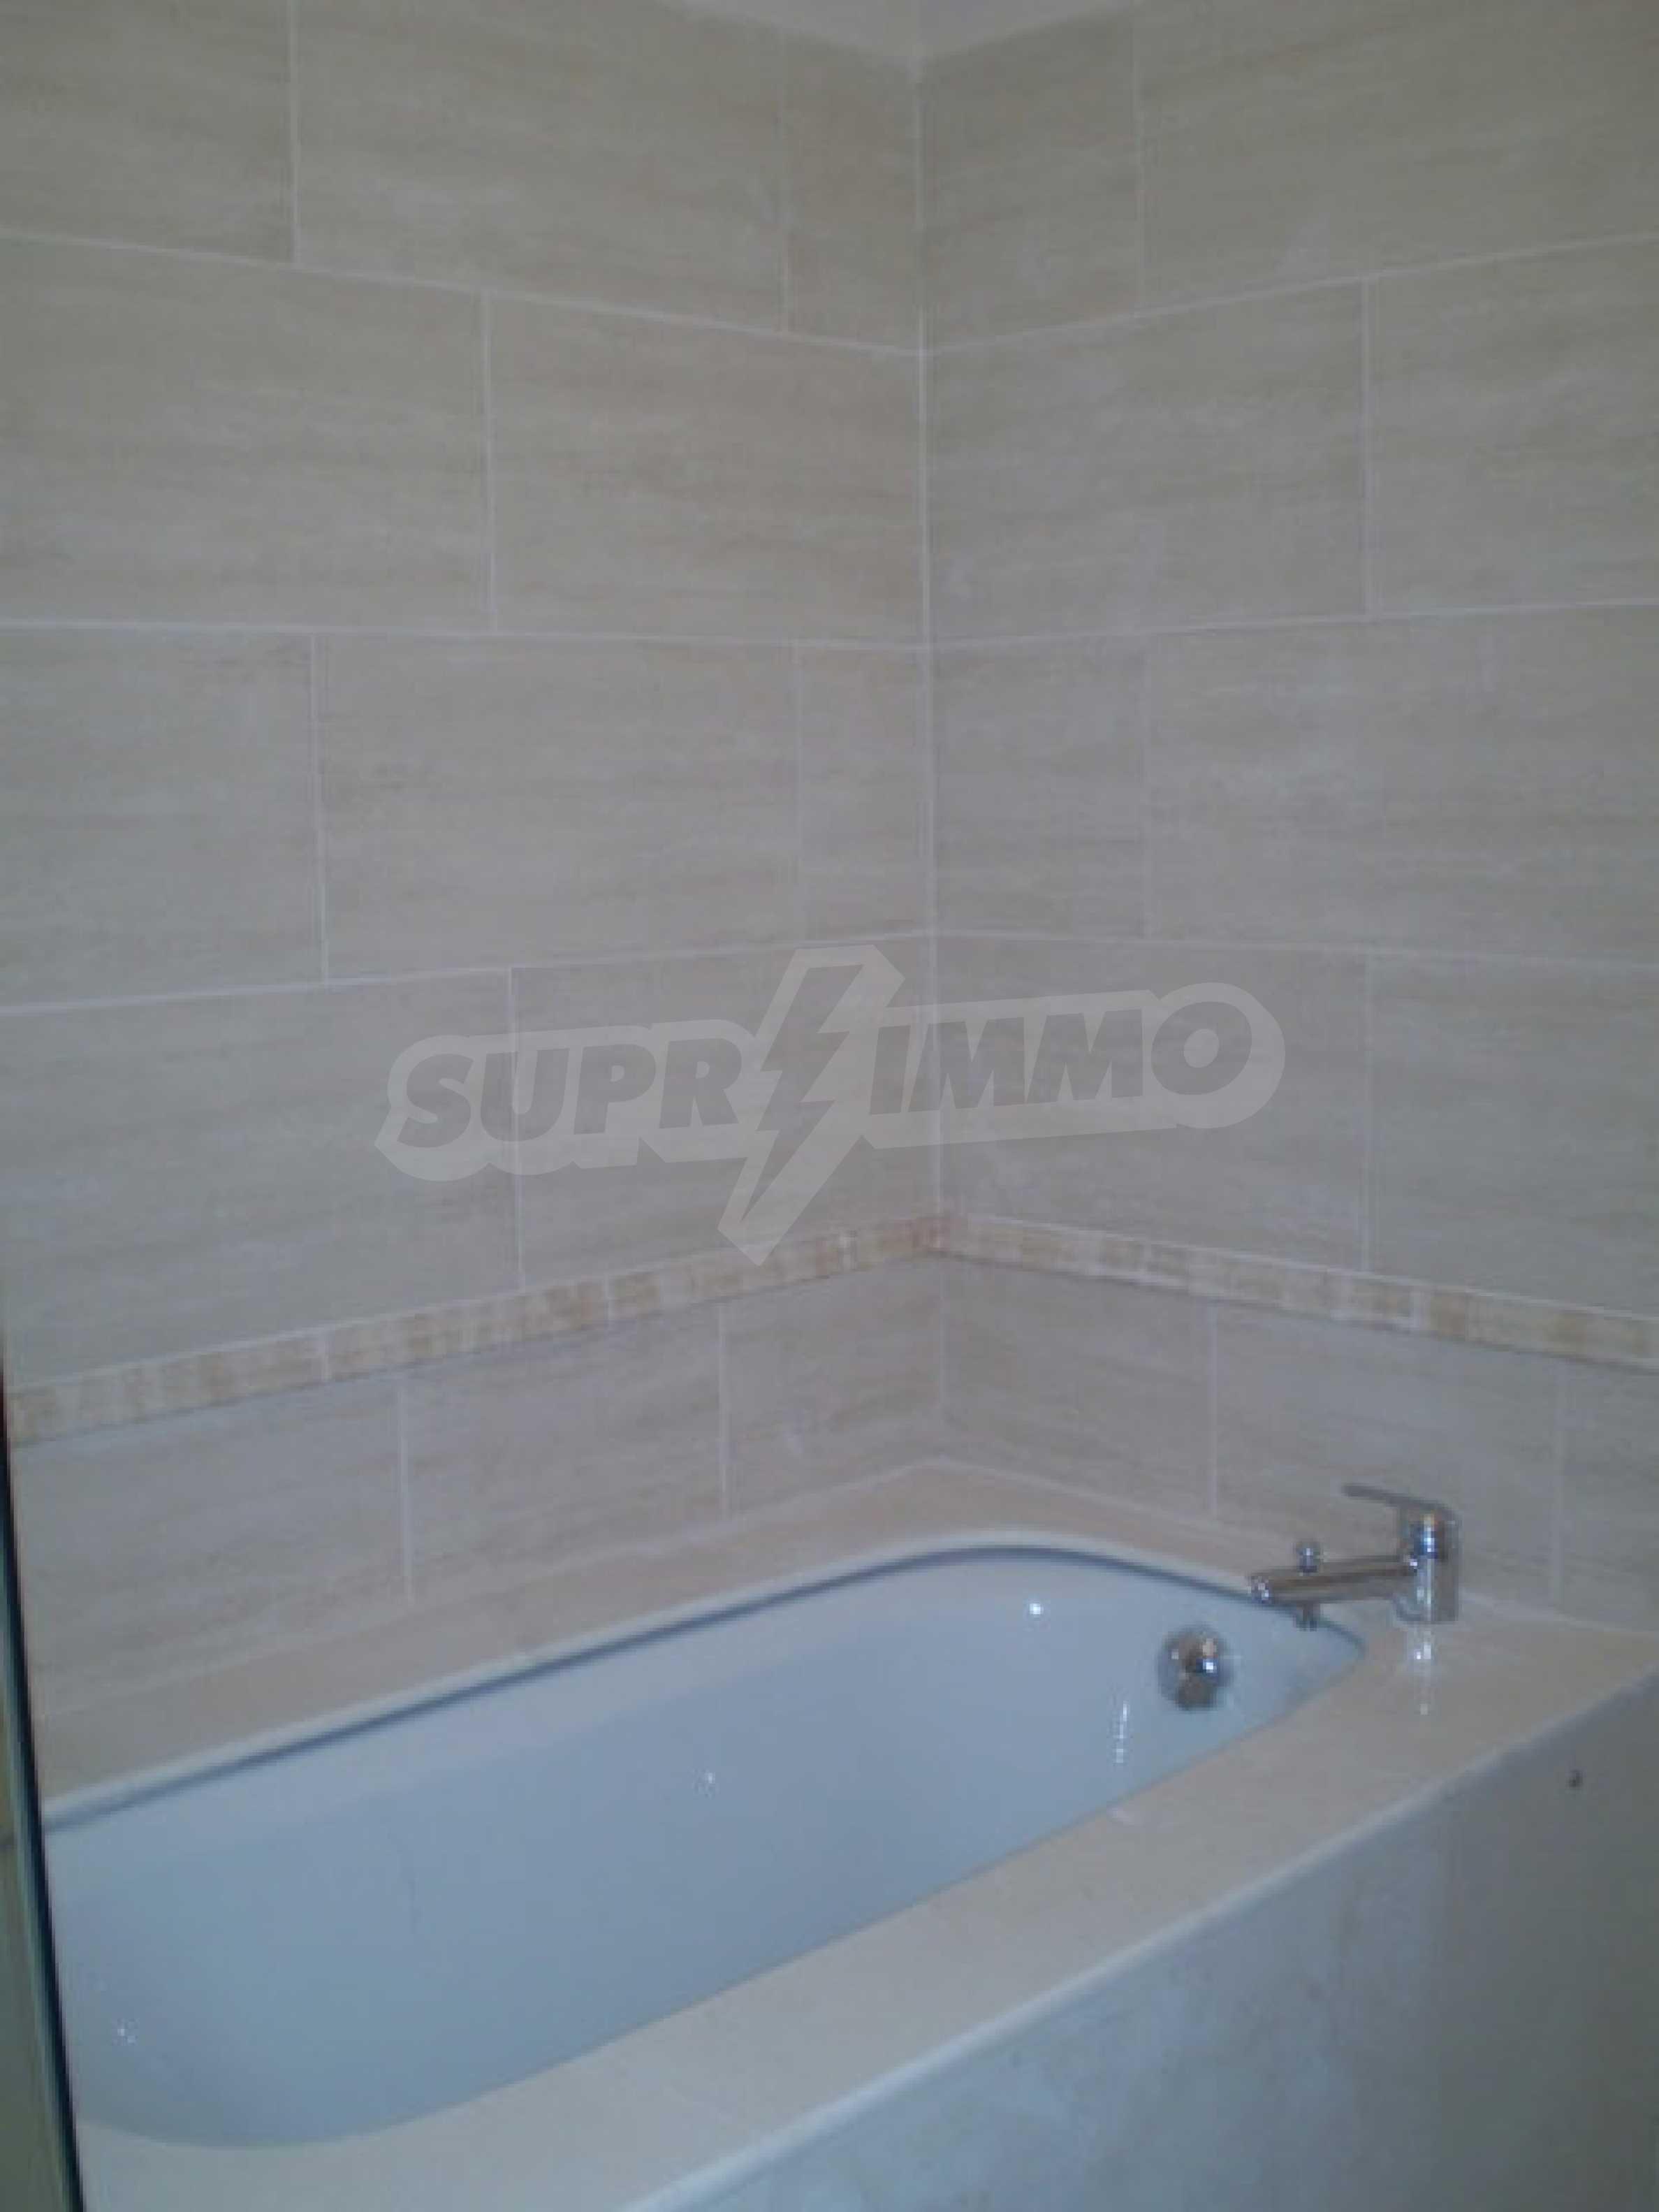 One-bedroom in Tracian Cliffs Resort, Kavarna 10